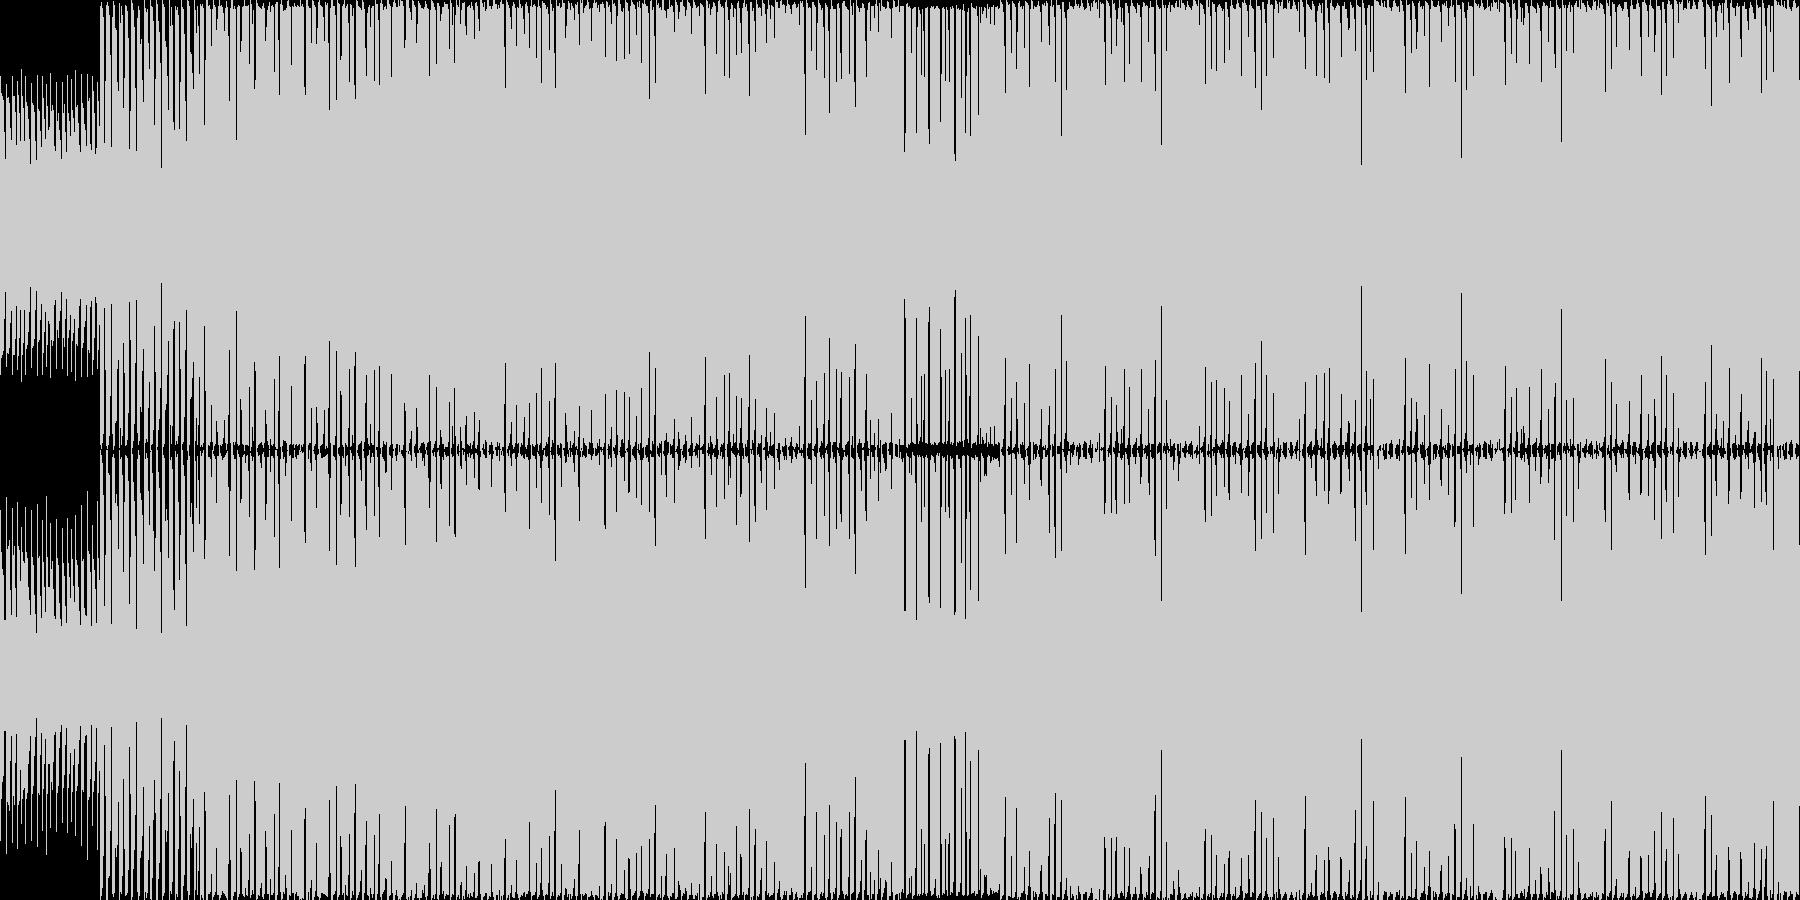 アップテンポで軽快なハウスインストの未再生の波形